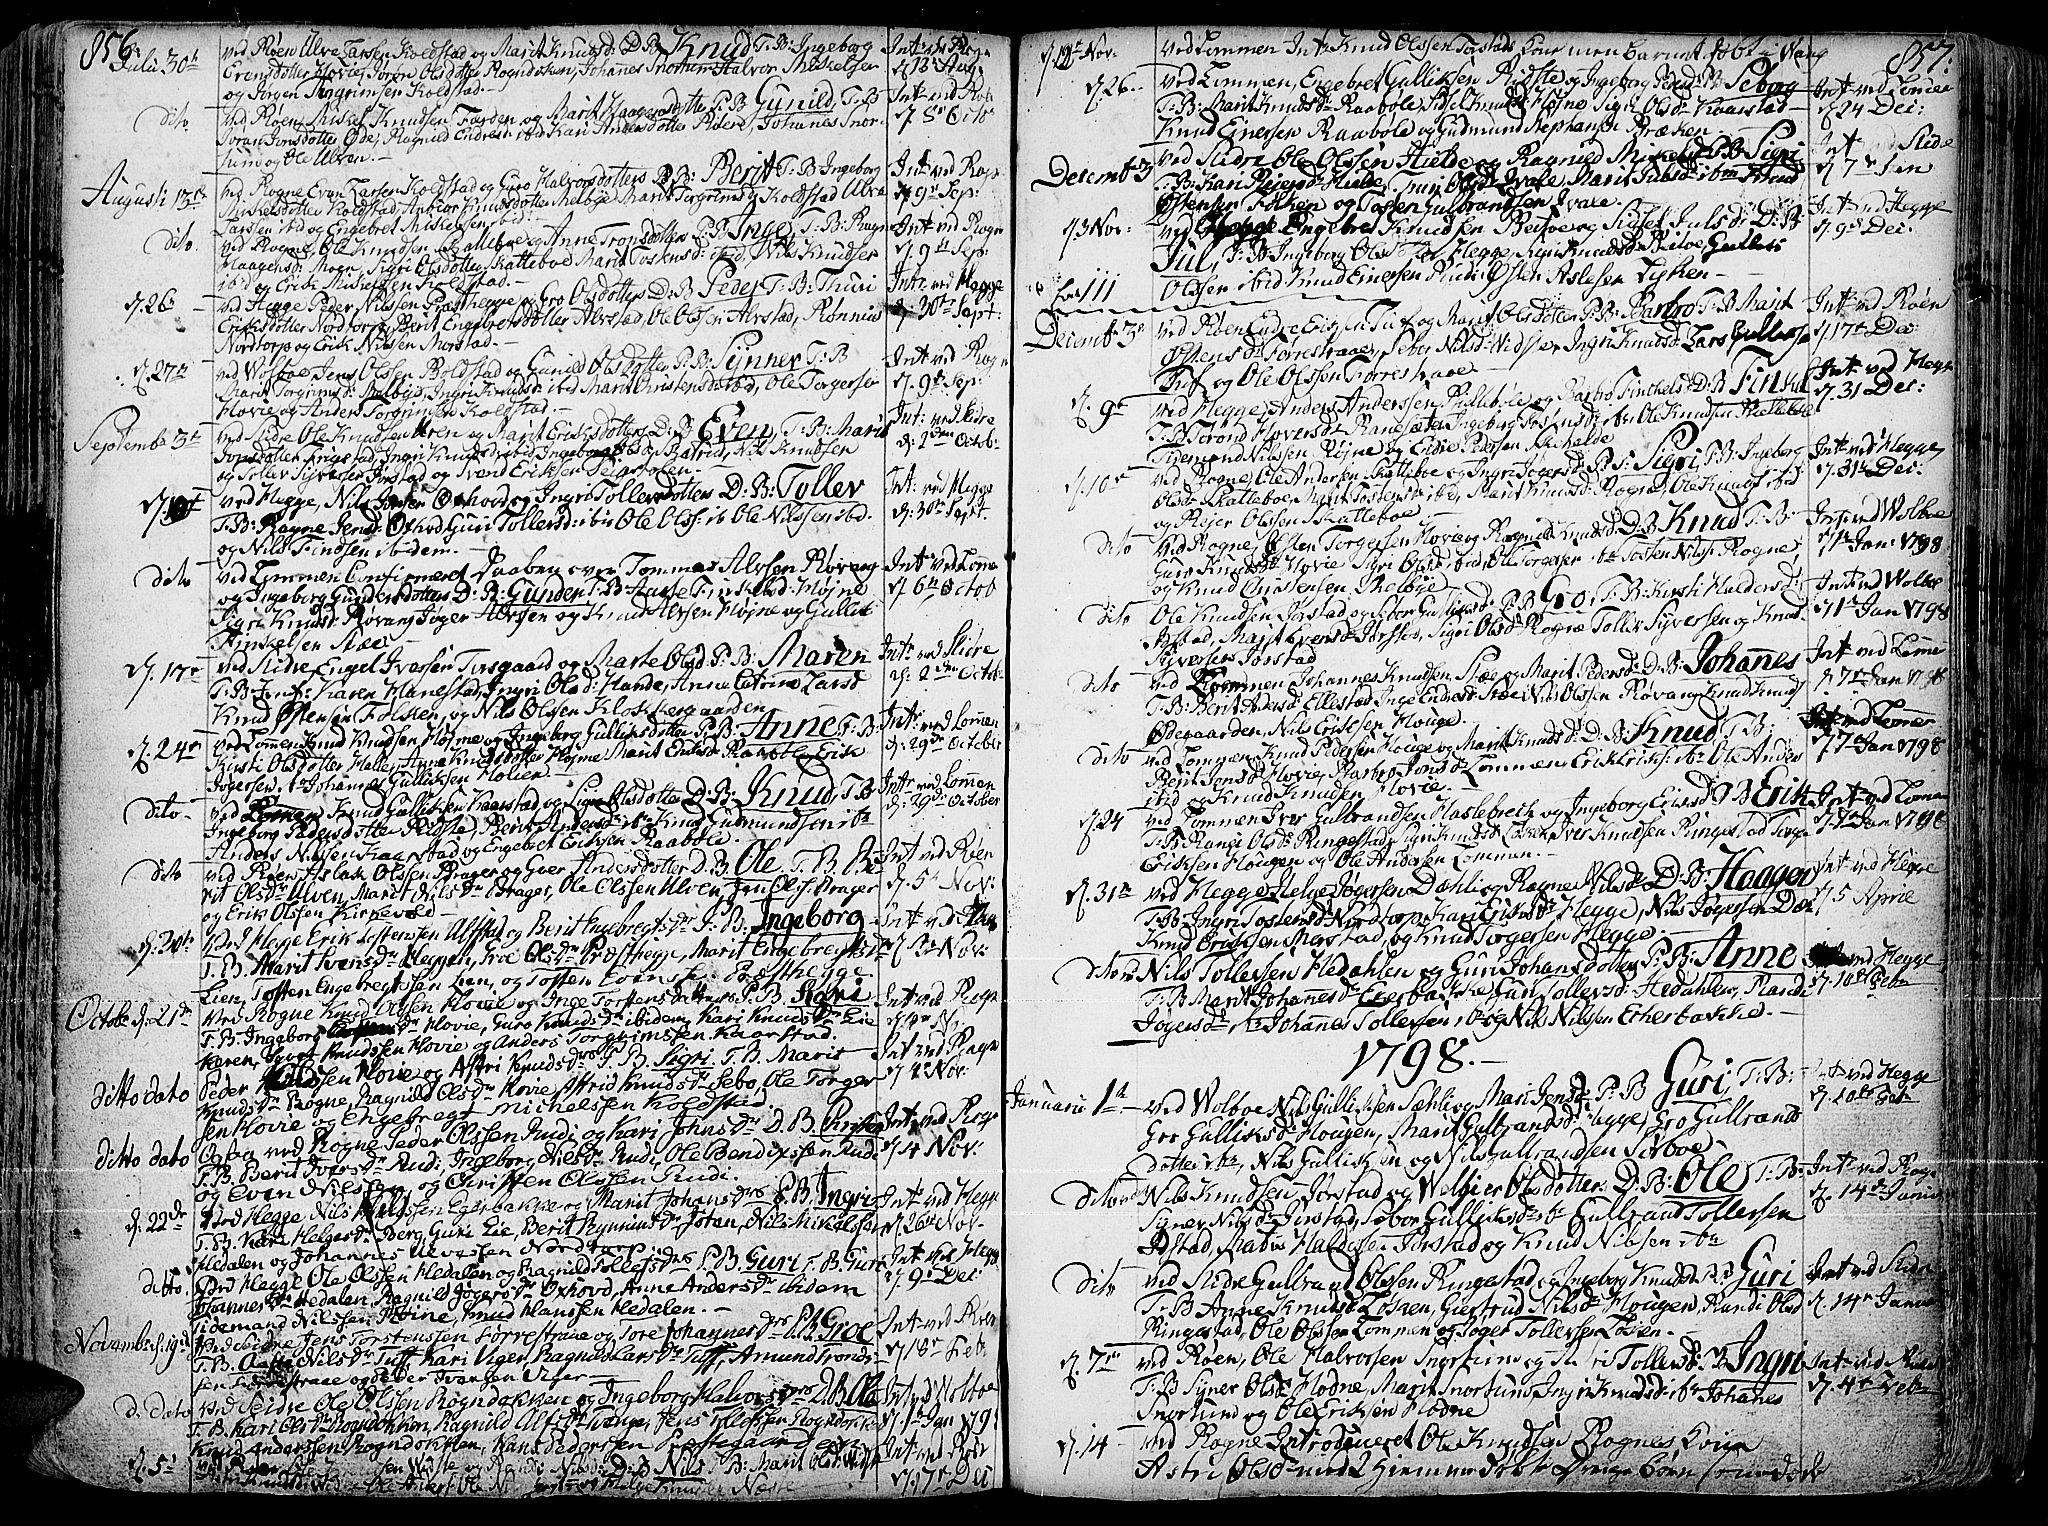 SAH, Slidre prestekontor, Ministerialbok nr. 1, 1724-1814, s. 856-857